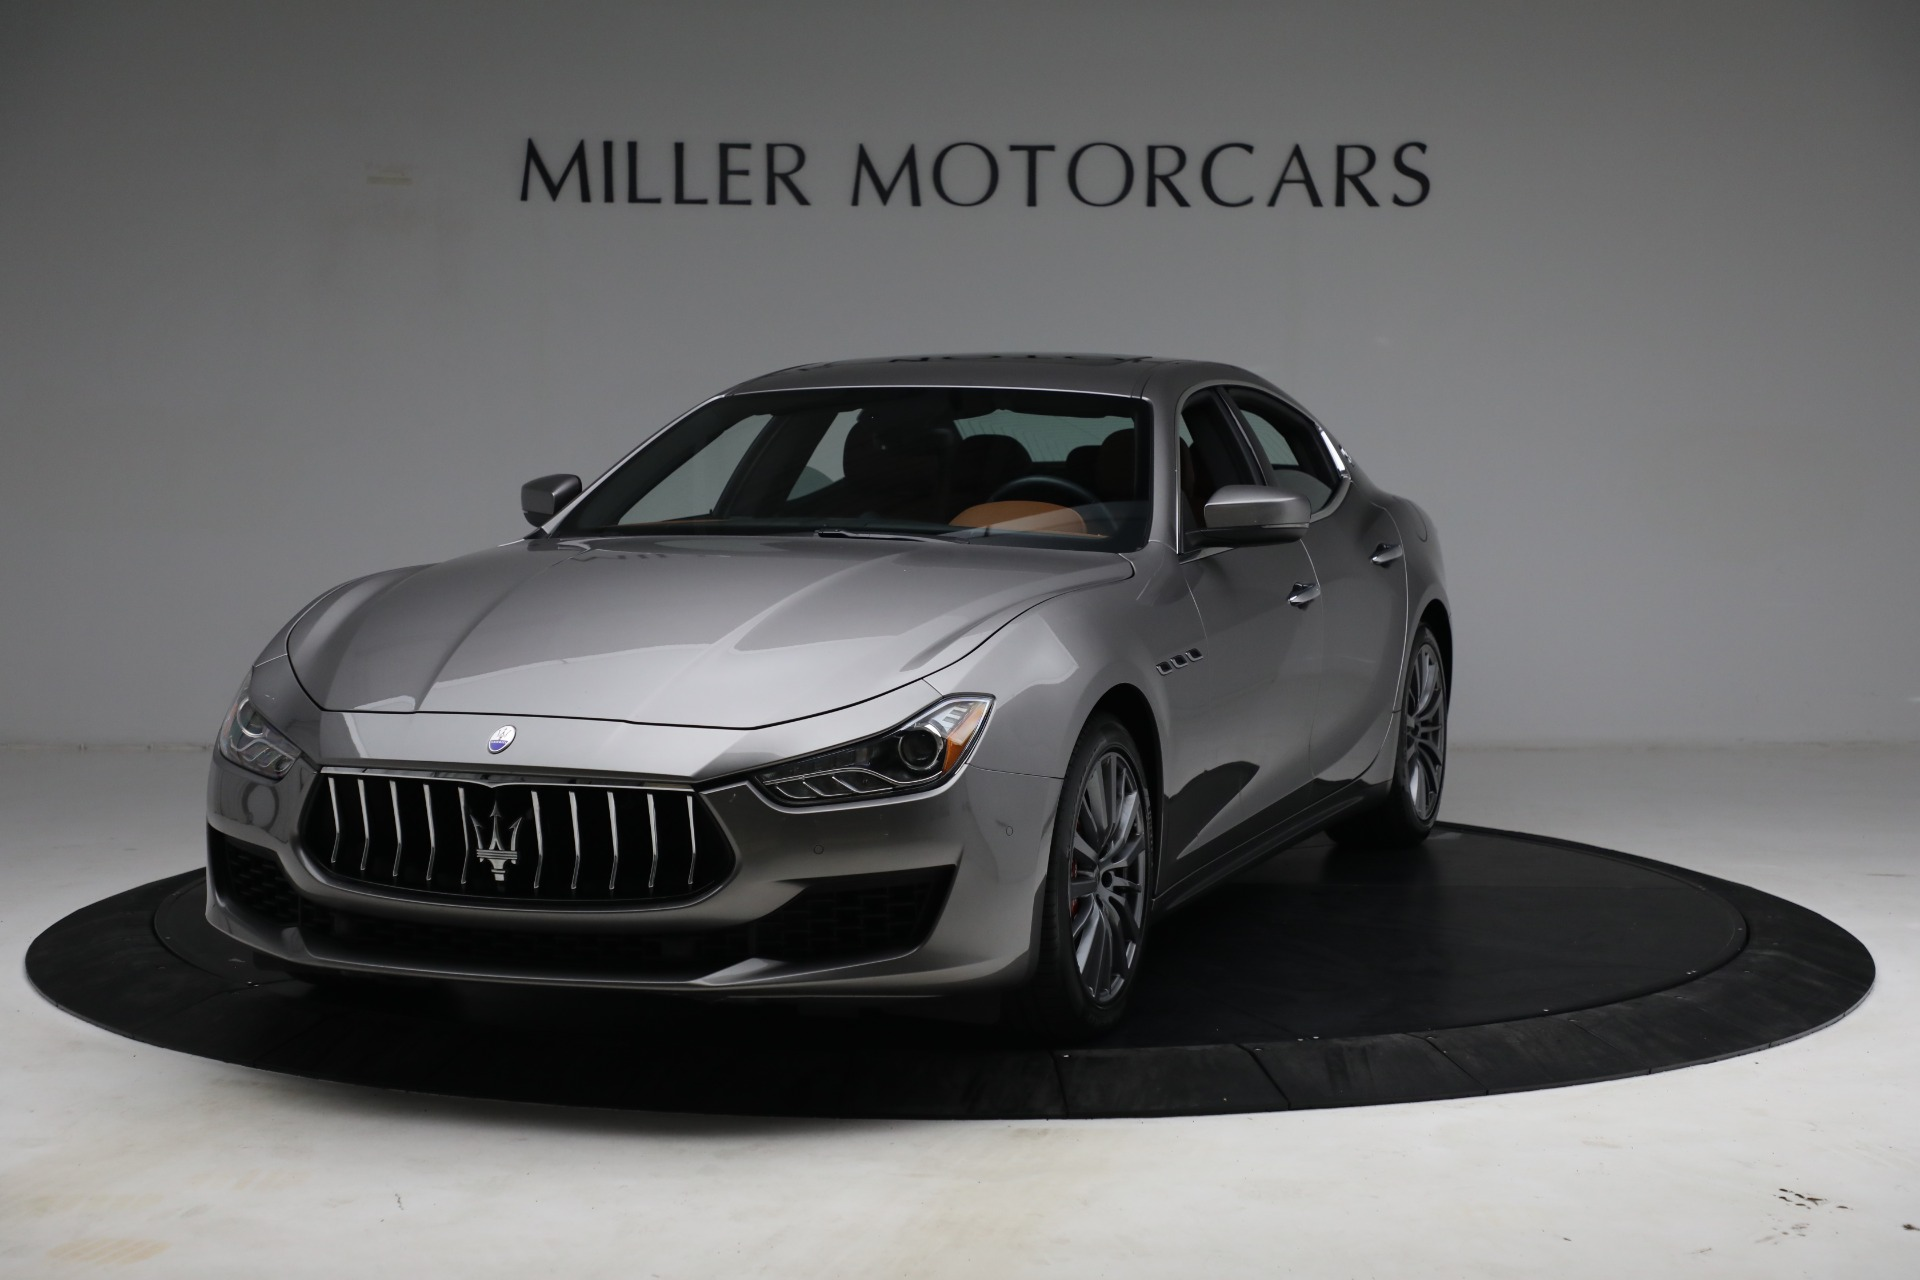 Used 2018 Maserati Ghibli S Q4 for sale $54,900 at Bugatti of Greenwich in Greenwich CT 06830 1